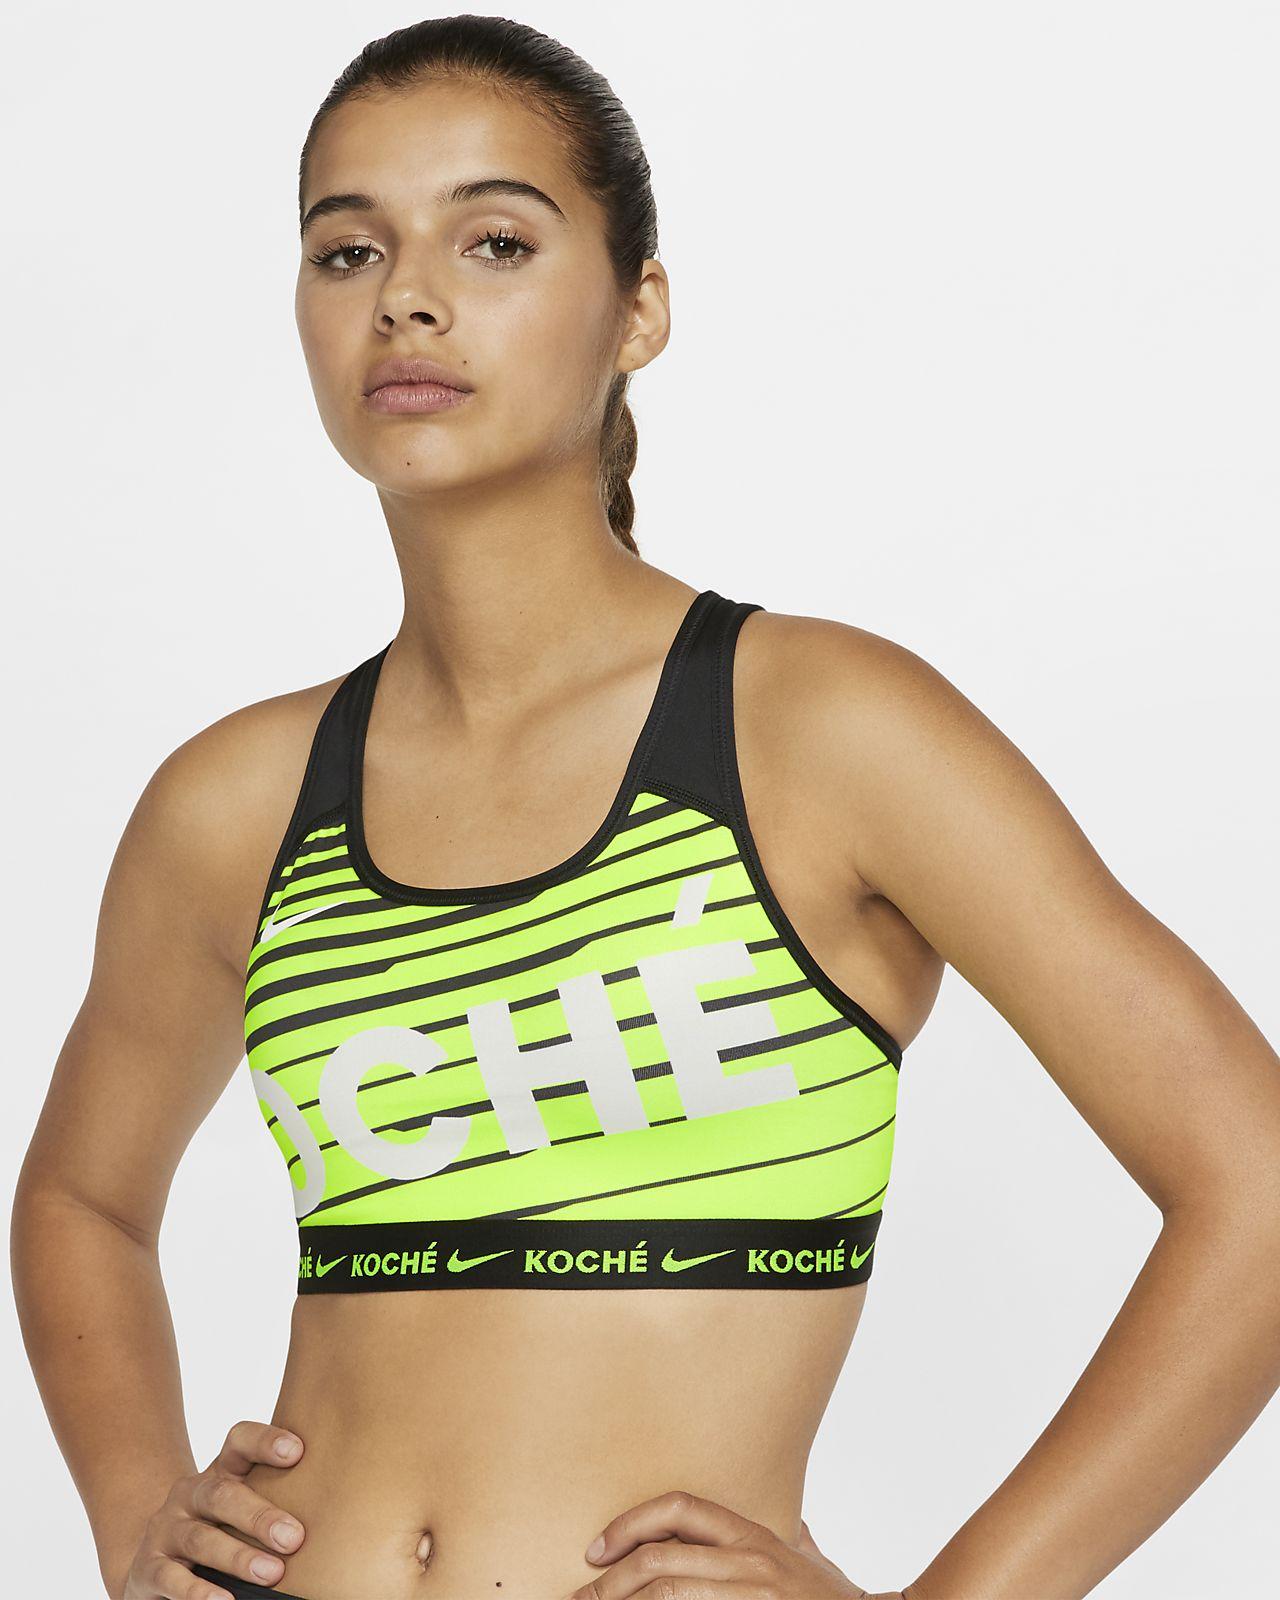 Nike x Koche Women's Bra